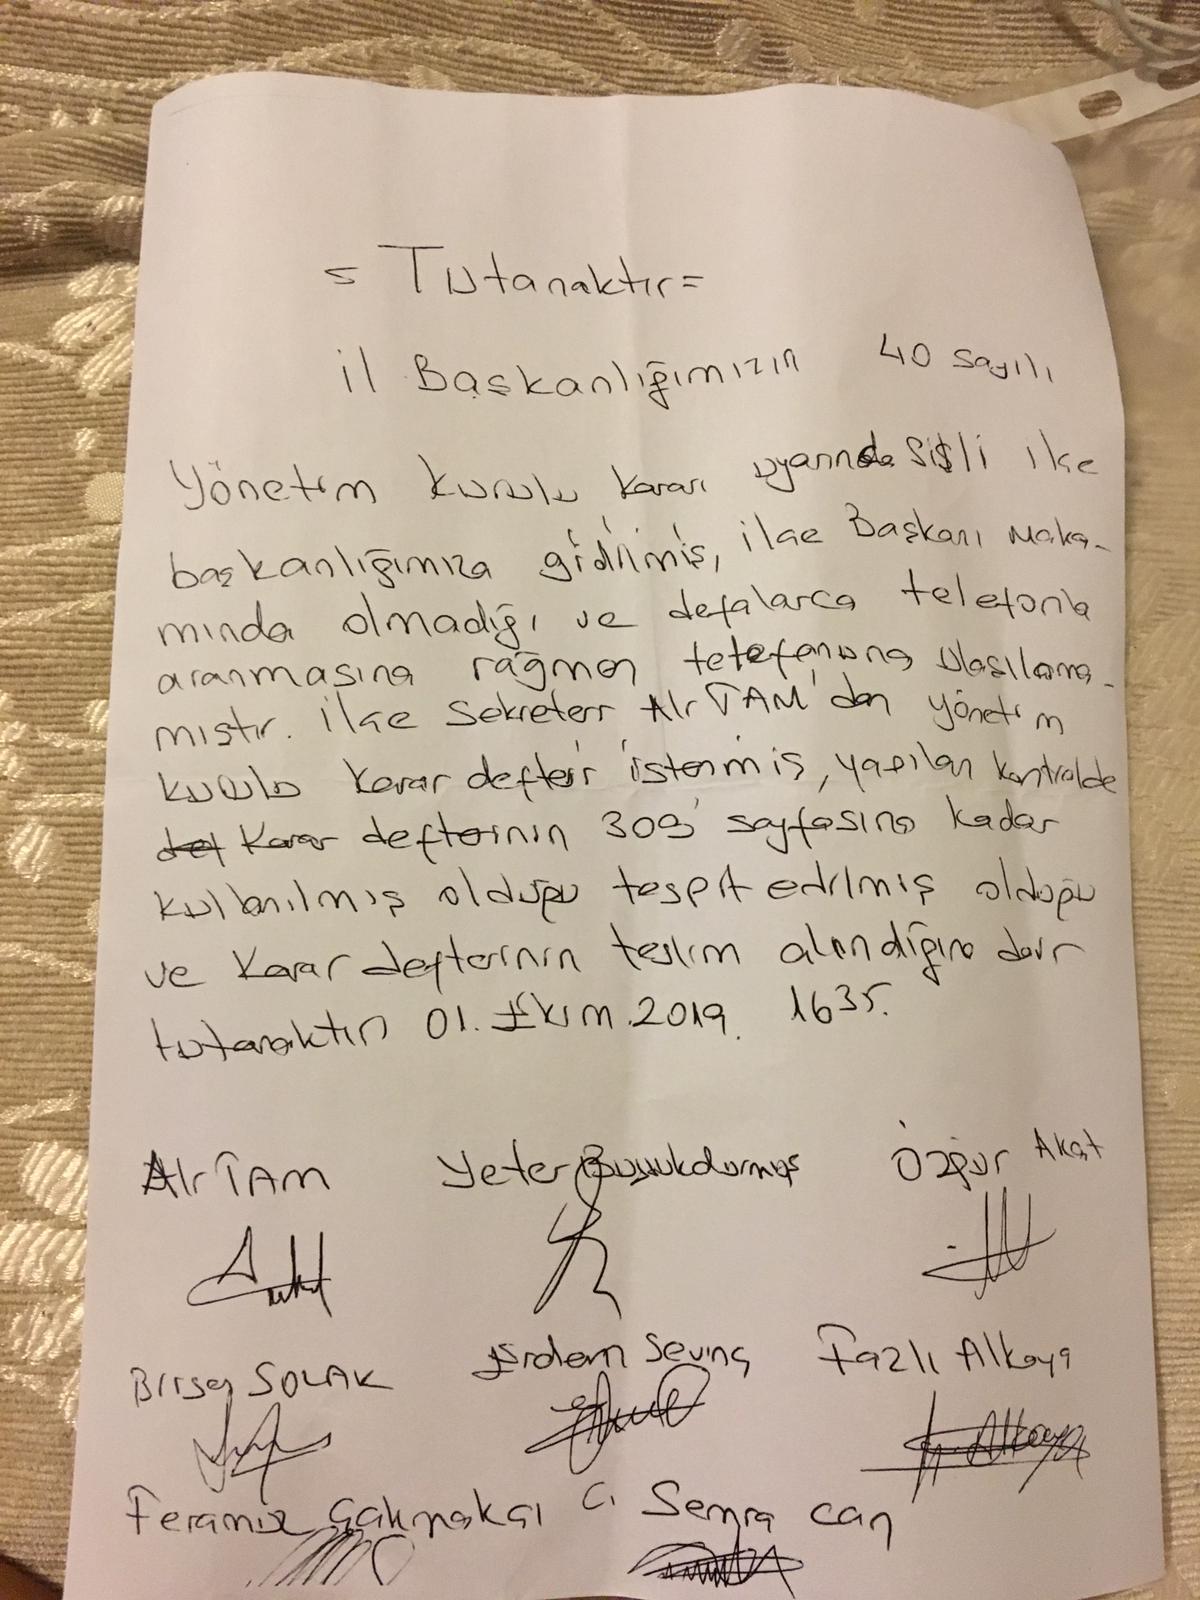 https://yenisoluk.com/uploads/2019/10/kaftancıoğlu kayyum8